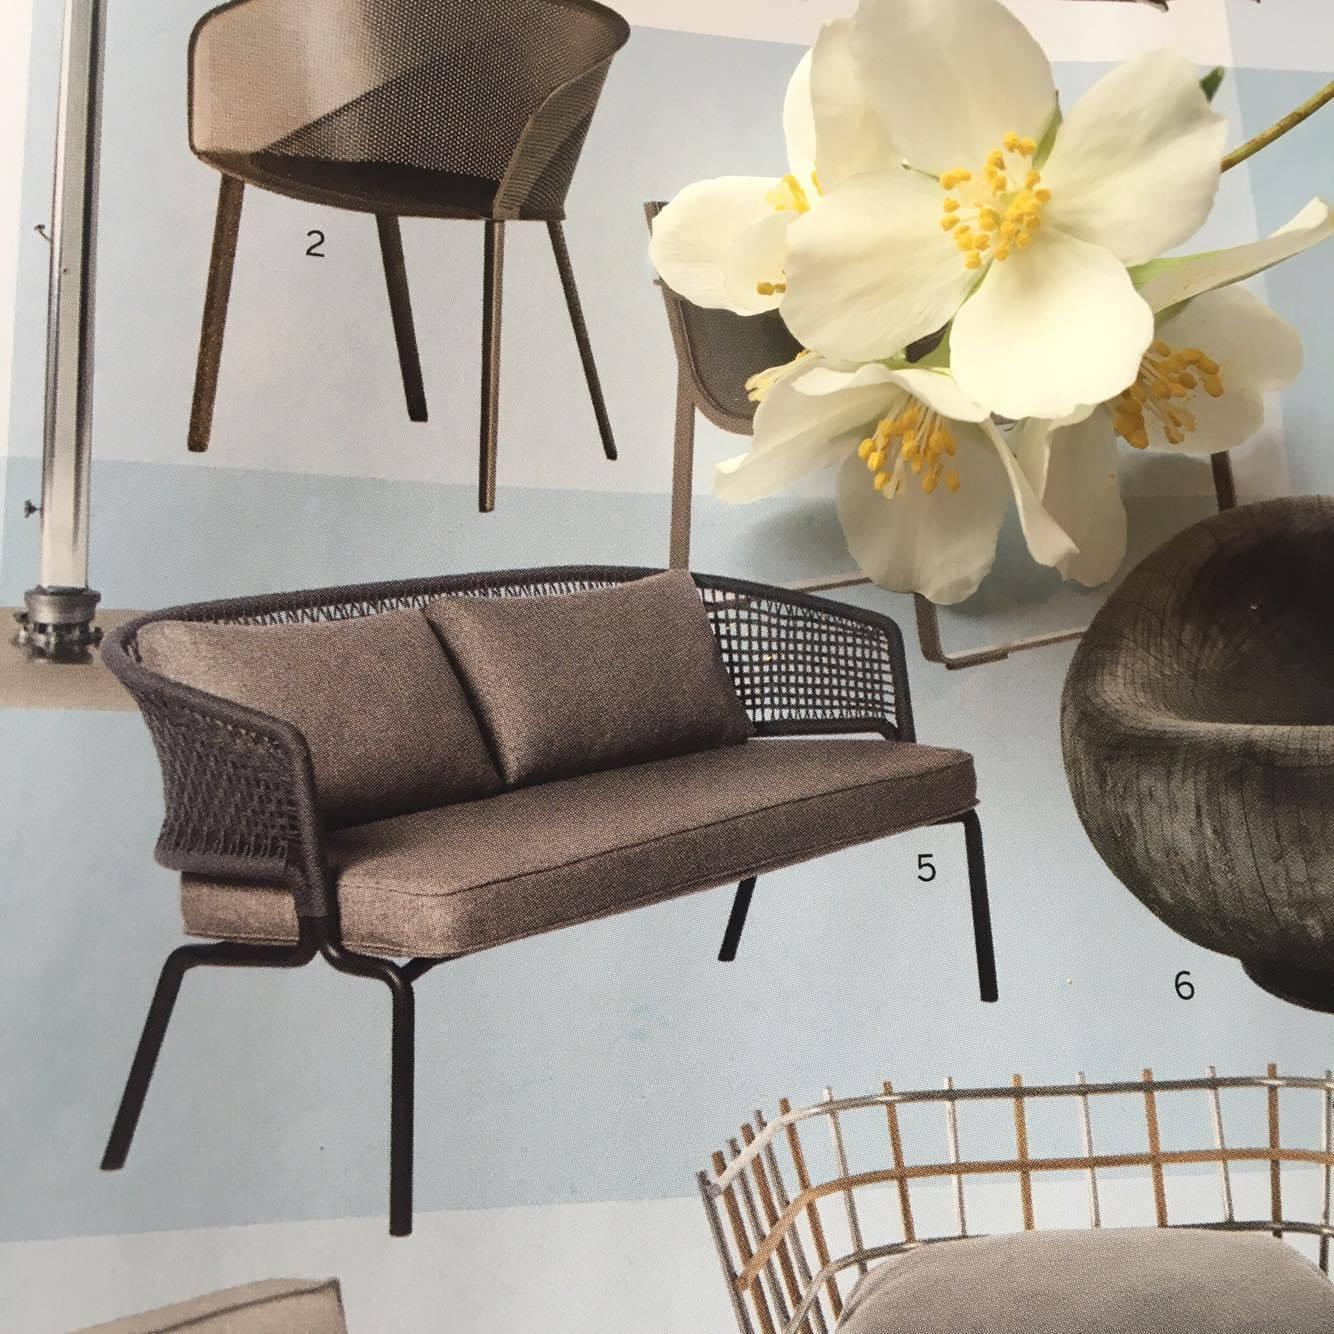 Tribù er kendt for sine eksklusive outdoor-møbler, og dette års kollektion er ingen undtagelse. Contour-sofa, designet af Piergiorgio Cazzaniga, fra 38.400 kr. forhandles eksklusivt hos scaledesign.